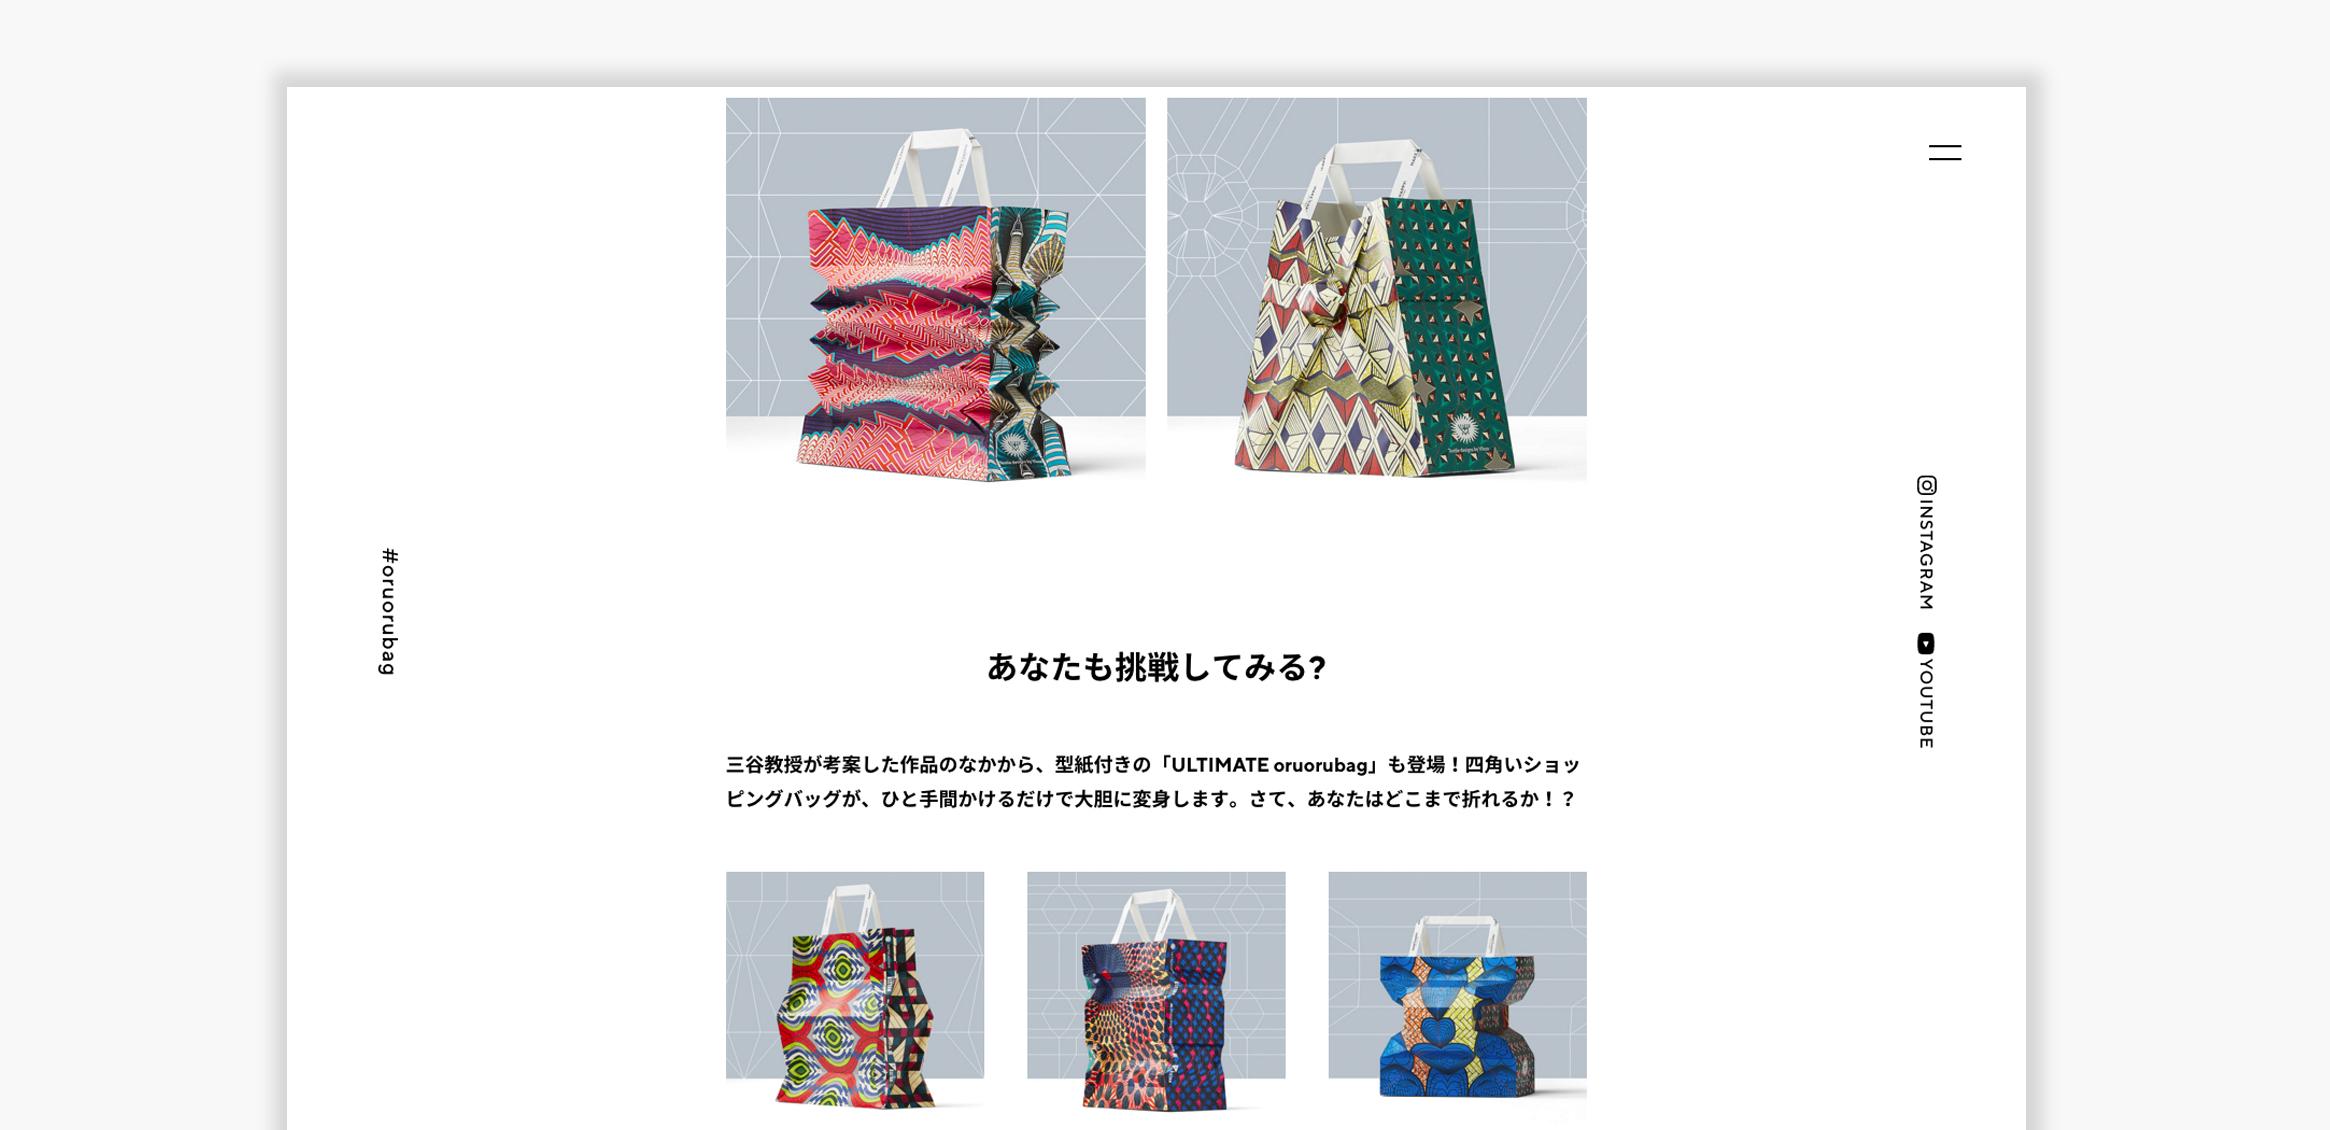 三越伊势丹集团 圣诞节促销活动 2017 Web4枚目